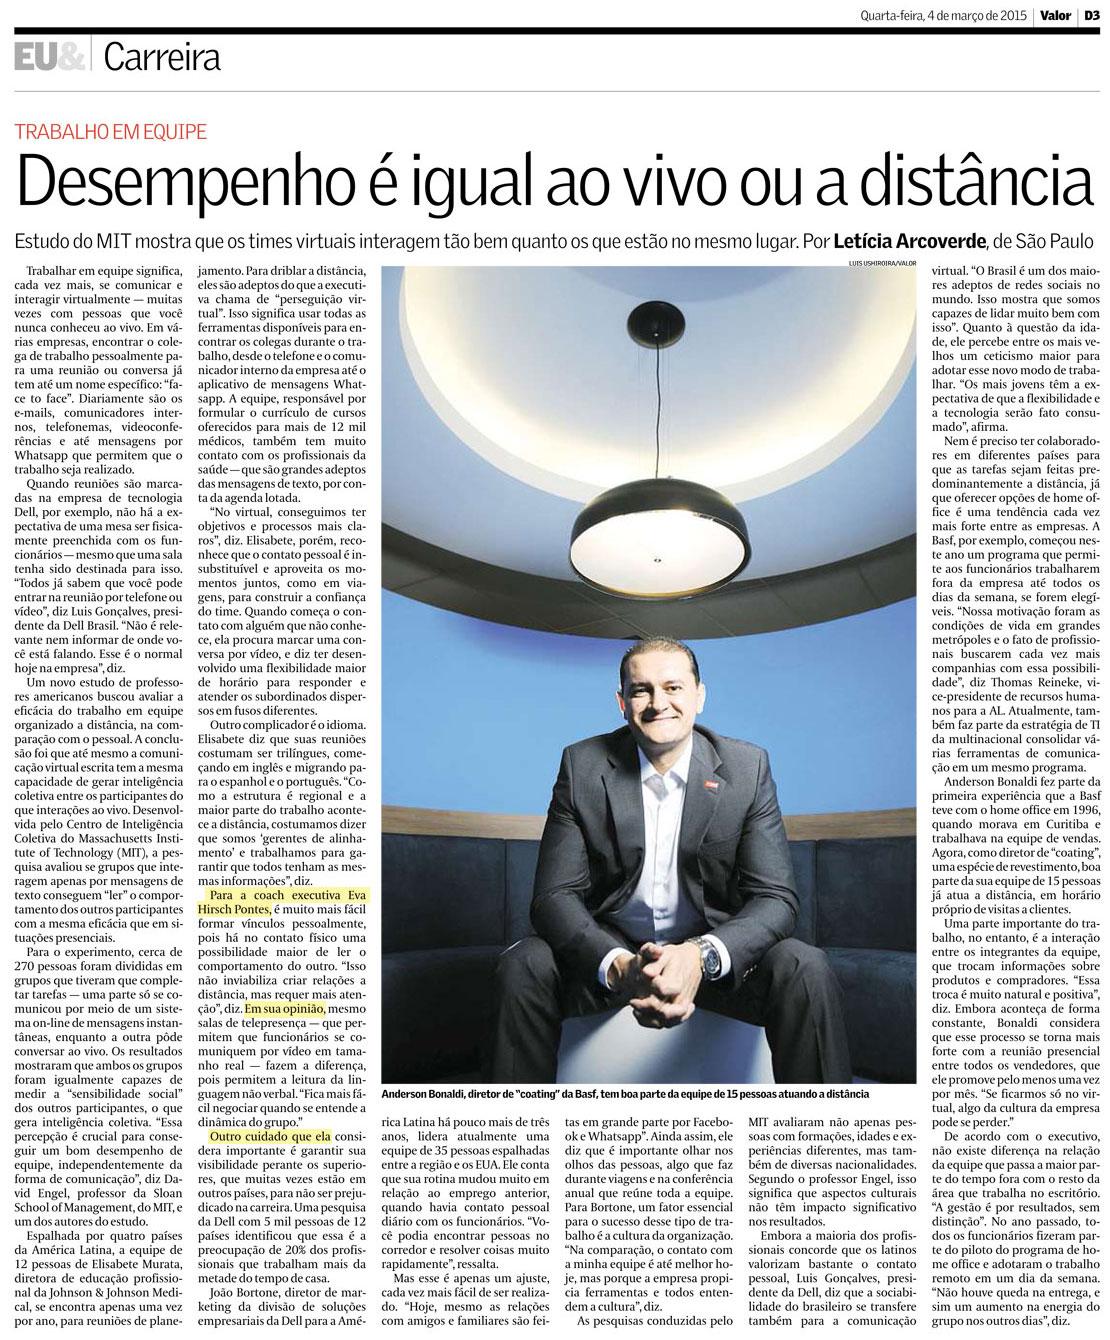 Valor-Econômico_Eu&Carreira_4.3.2015